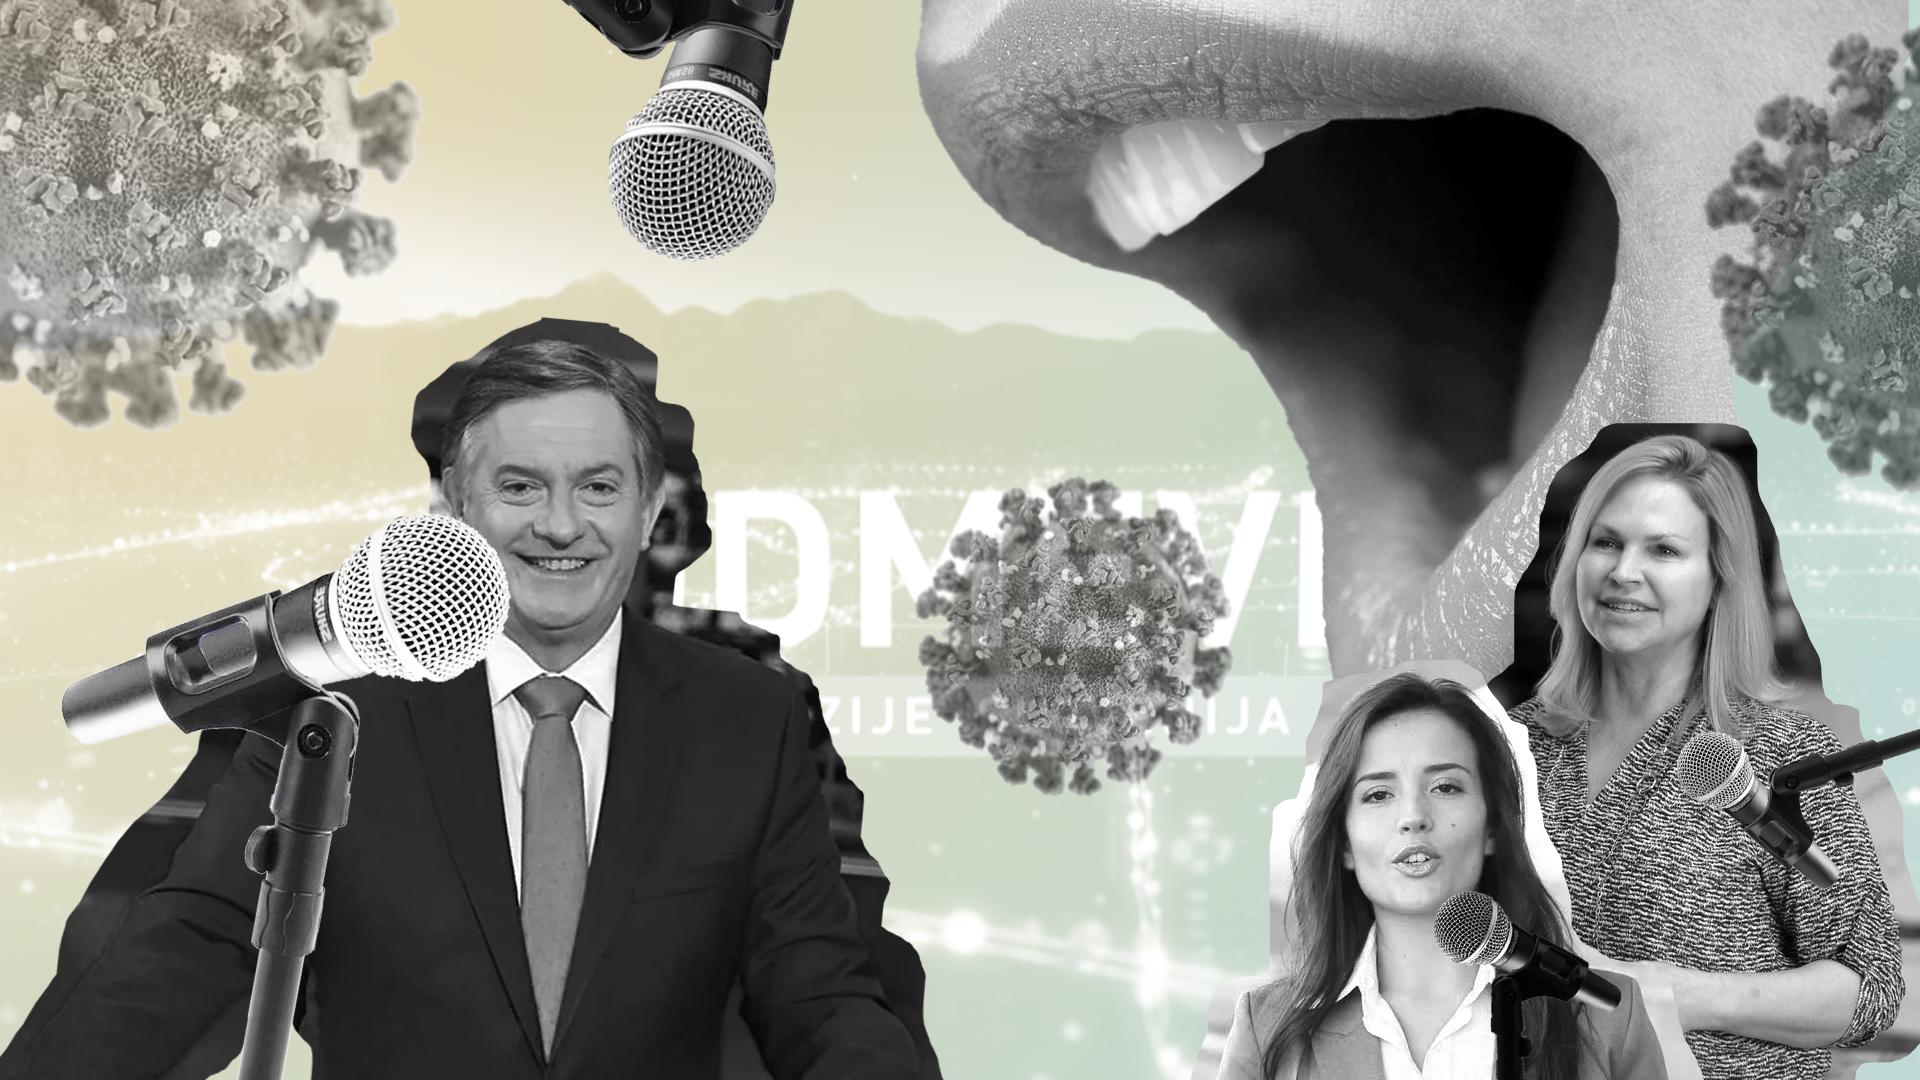 Kolaž fotografij na ozadju oddaje Odmevi, ki prikazuje moškega govorca pred večjim mikrofonom, ženski govorki z manjšimi mikrofoni, v ozadju so odprta usta in slike virusa Covid-19.